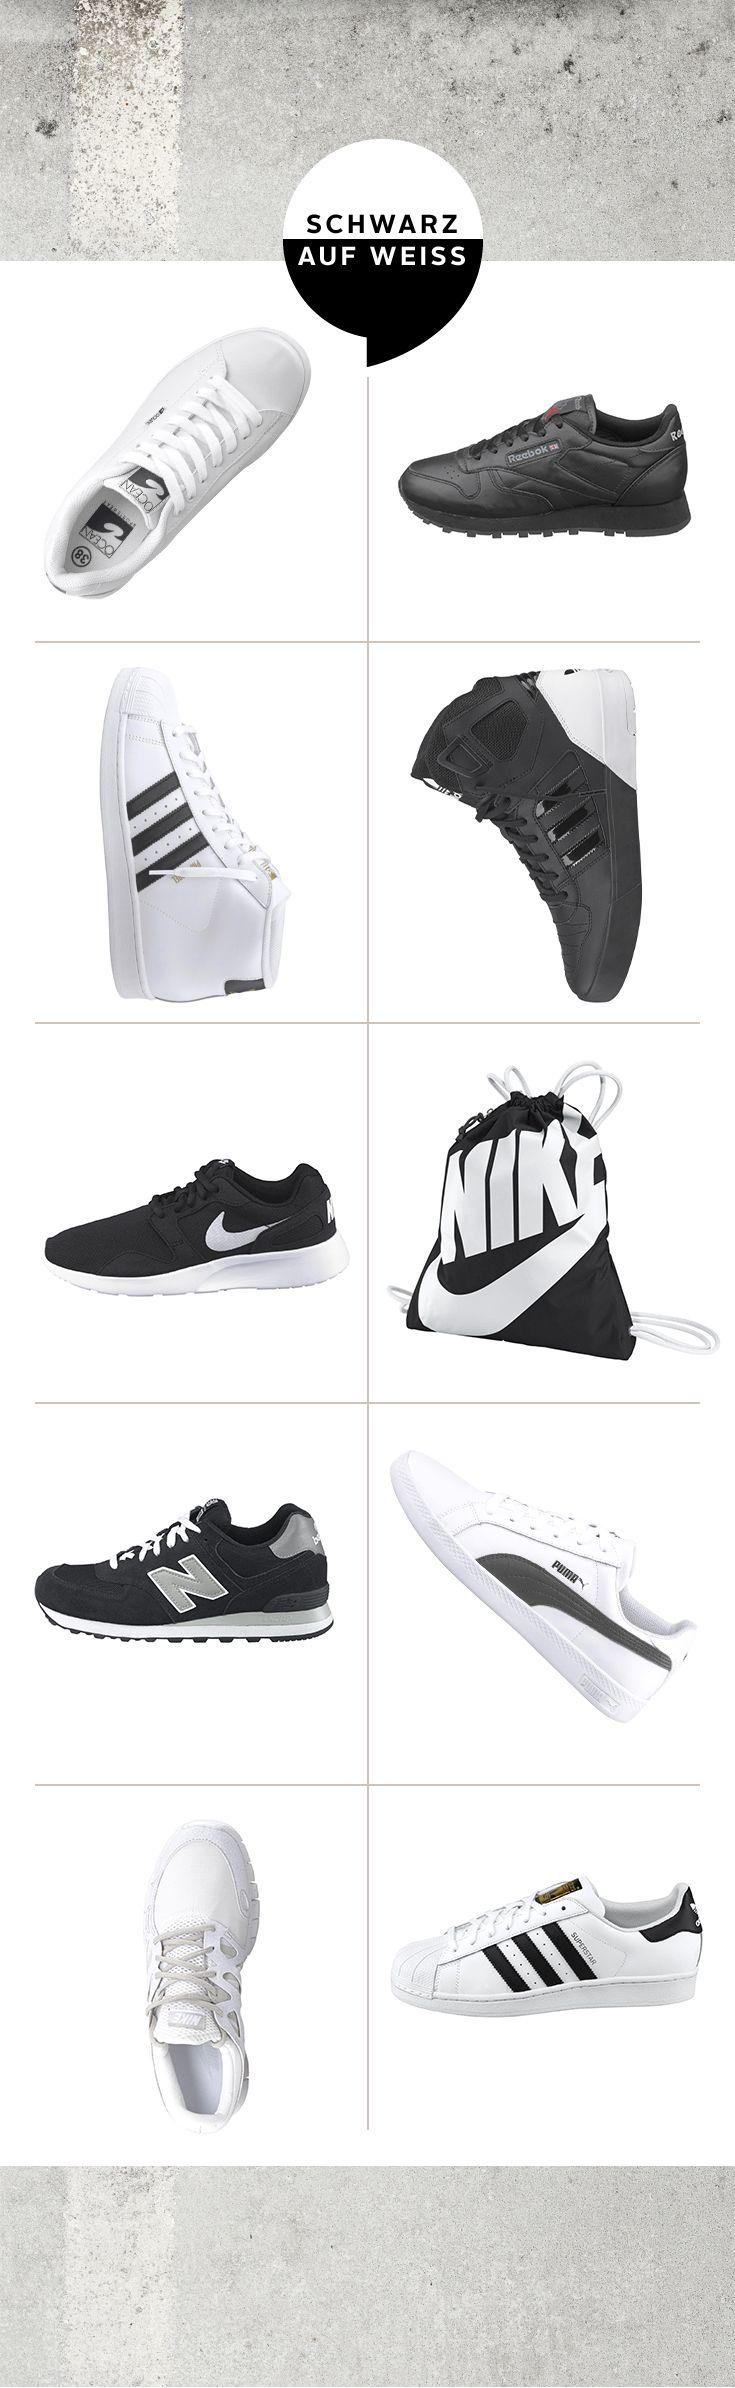 """Low-Top oder High-Top, Retro-Look oder innovatives Design: Die aktuellen Sneaker-Modelle von adidas, Nike, Reebok, Ocean Sportswear, Puma und New Balance gehen mit dem Trend: """"Schwarz auf Weiß"""" ist die Devise! Und damit empfehlen sich die coolen Kultstücke auch direkt als vielseitige Kombipartner für lässige Streetlooks."""